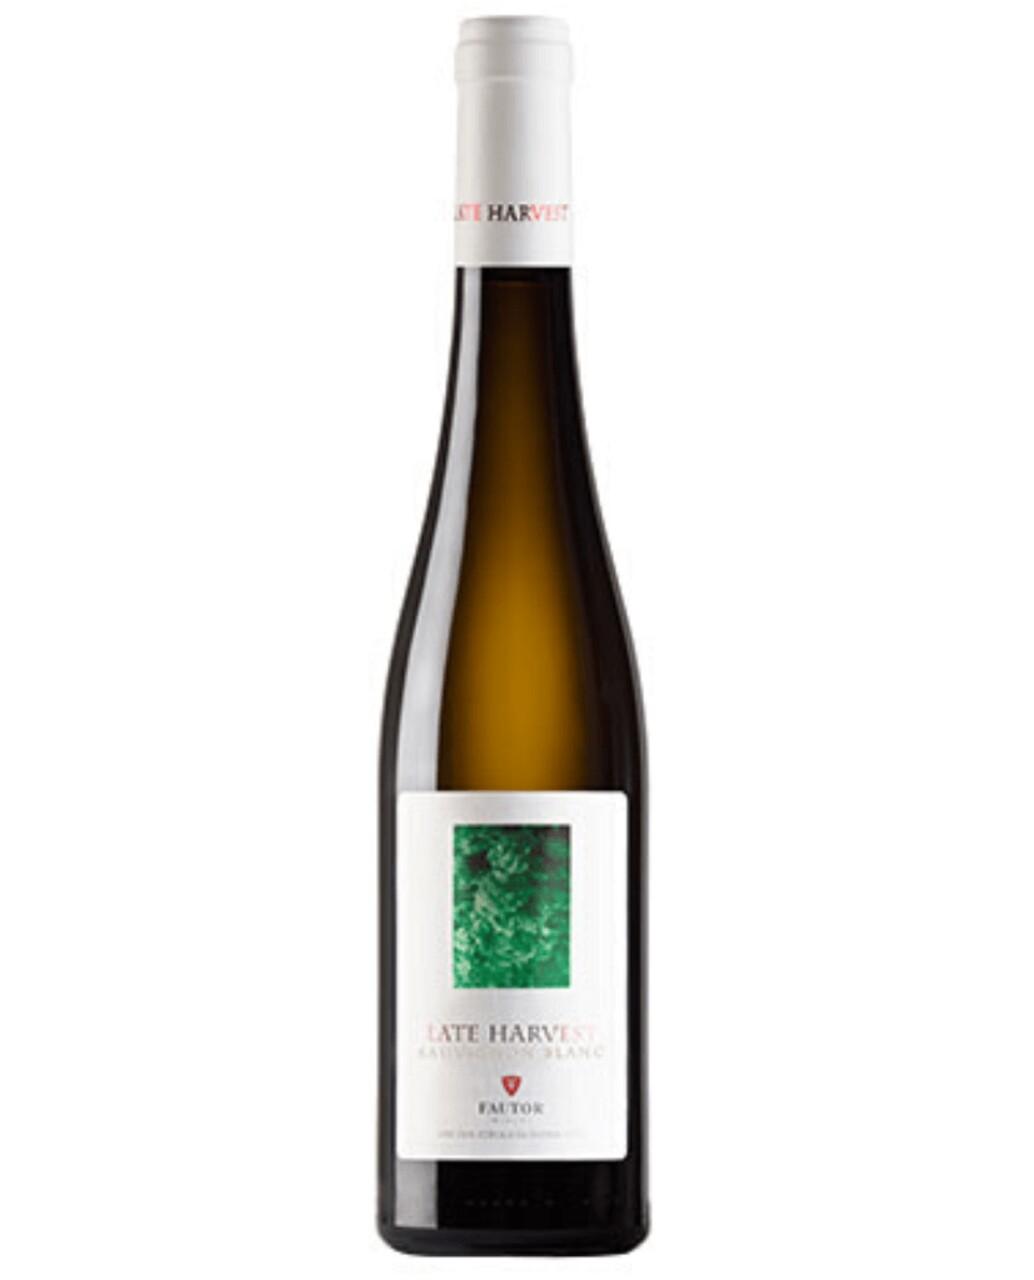 Fautor Late Harvest Sauvignon Blanc 0.5L